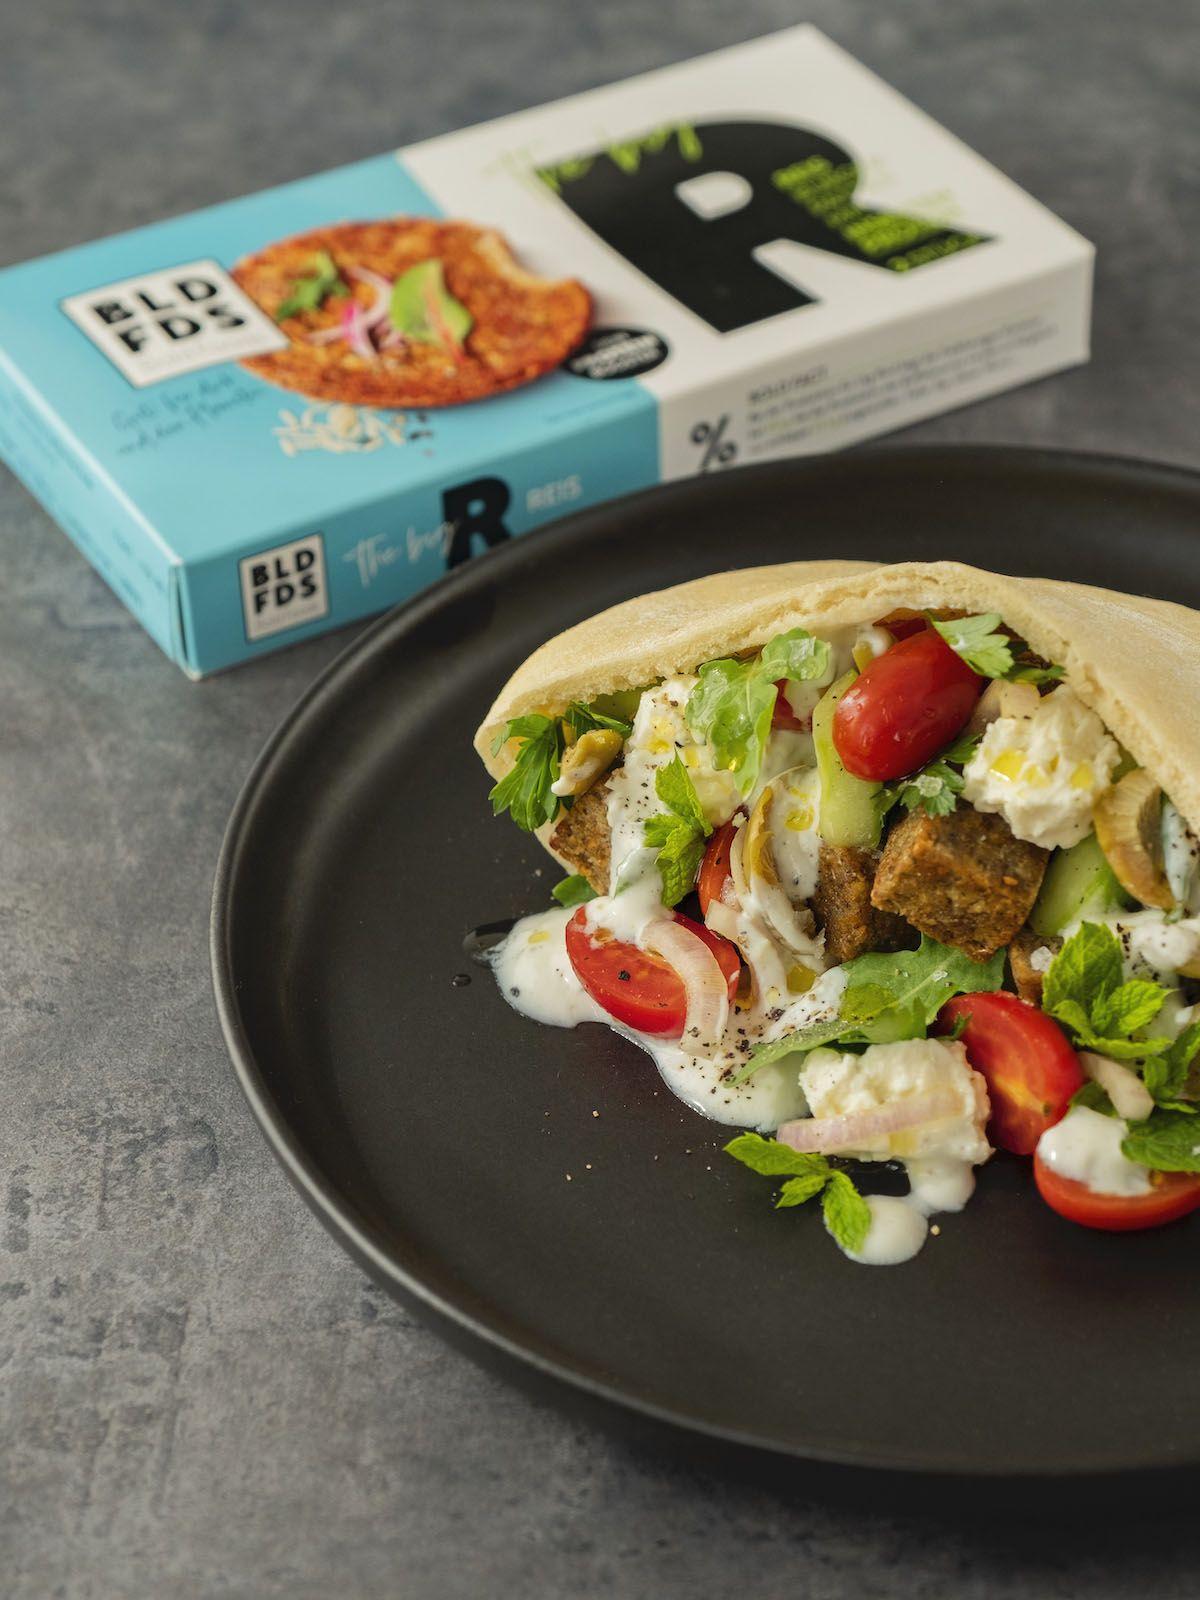 Foodblog, About Fuel, Rezept, Bold Foods The big R Knusperwürfel im Pitabrot mit griechischem Salat, Ruccola und Joghurt-Zitronen-Soße, Tomaten